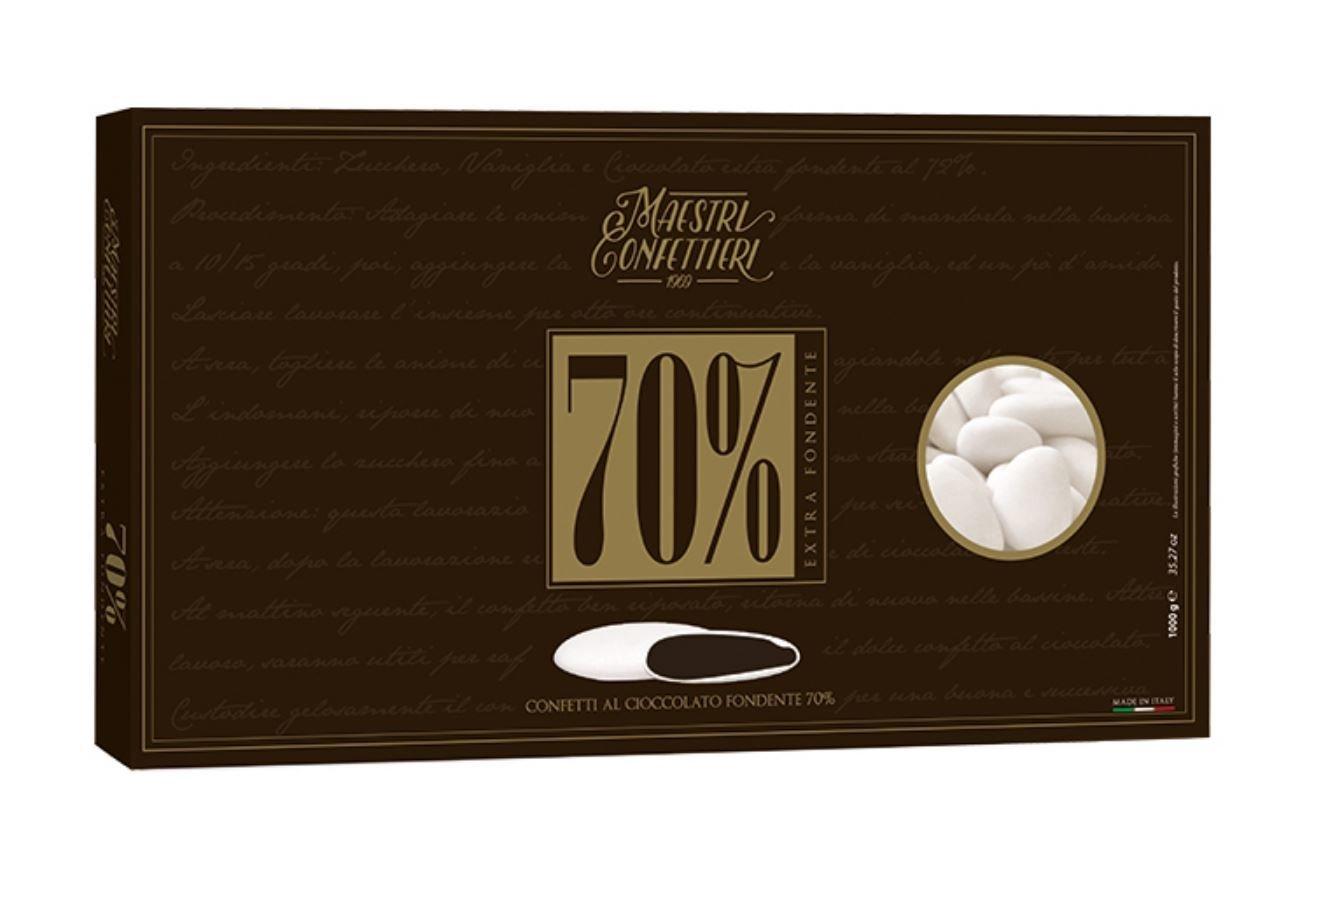 Maxtris Cioccolato Extra Fondente 70%